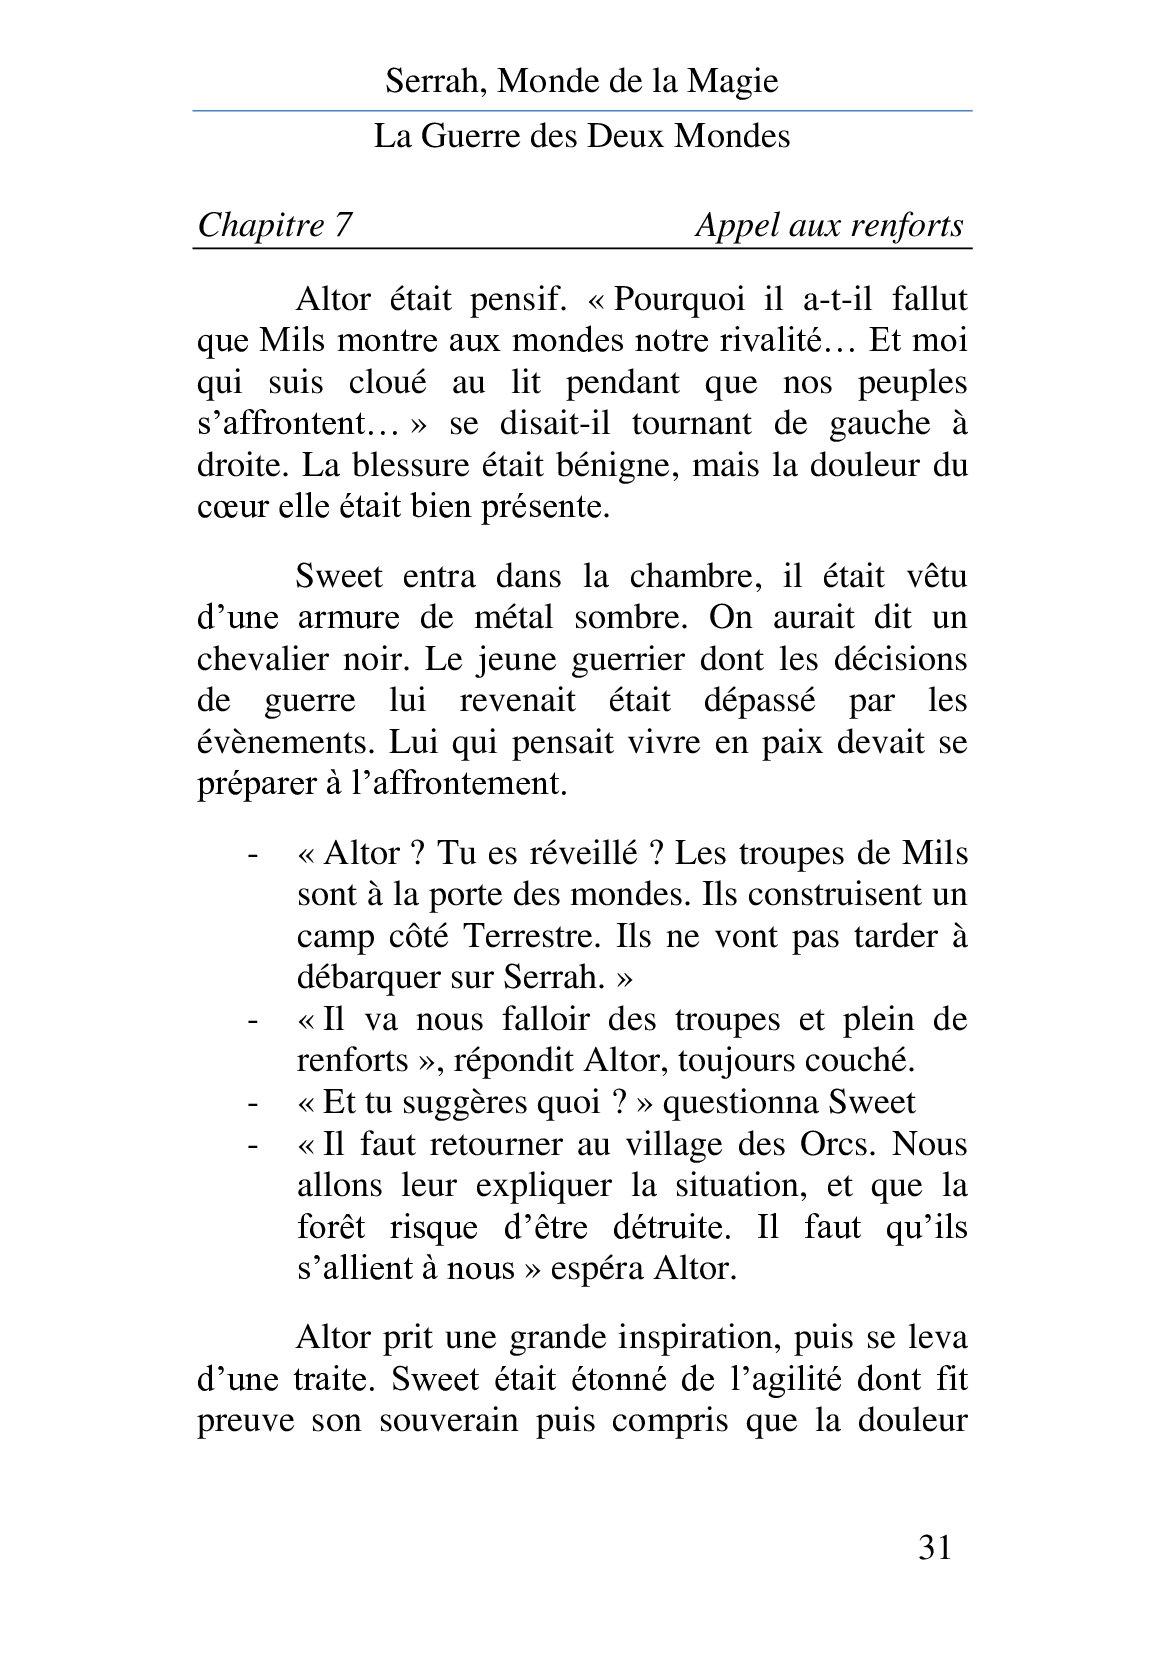 Chapitre 7 - Appel aux Renforts 20042808412816842